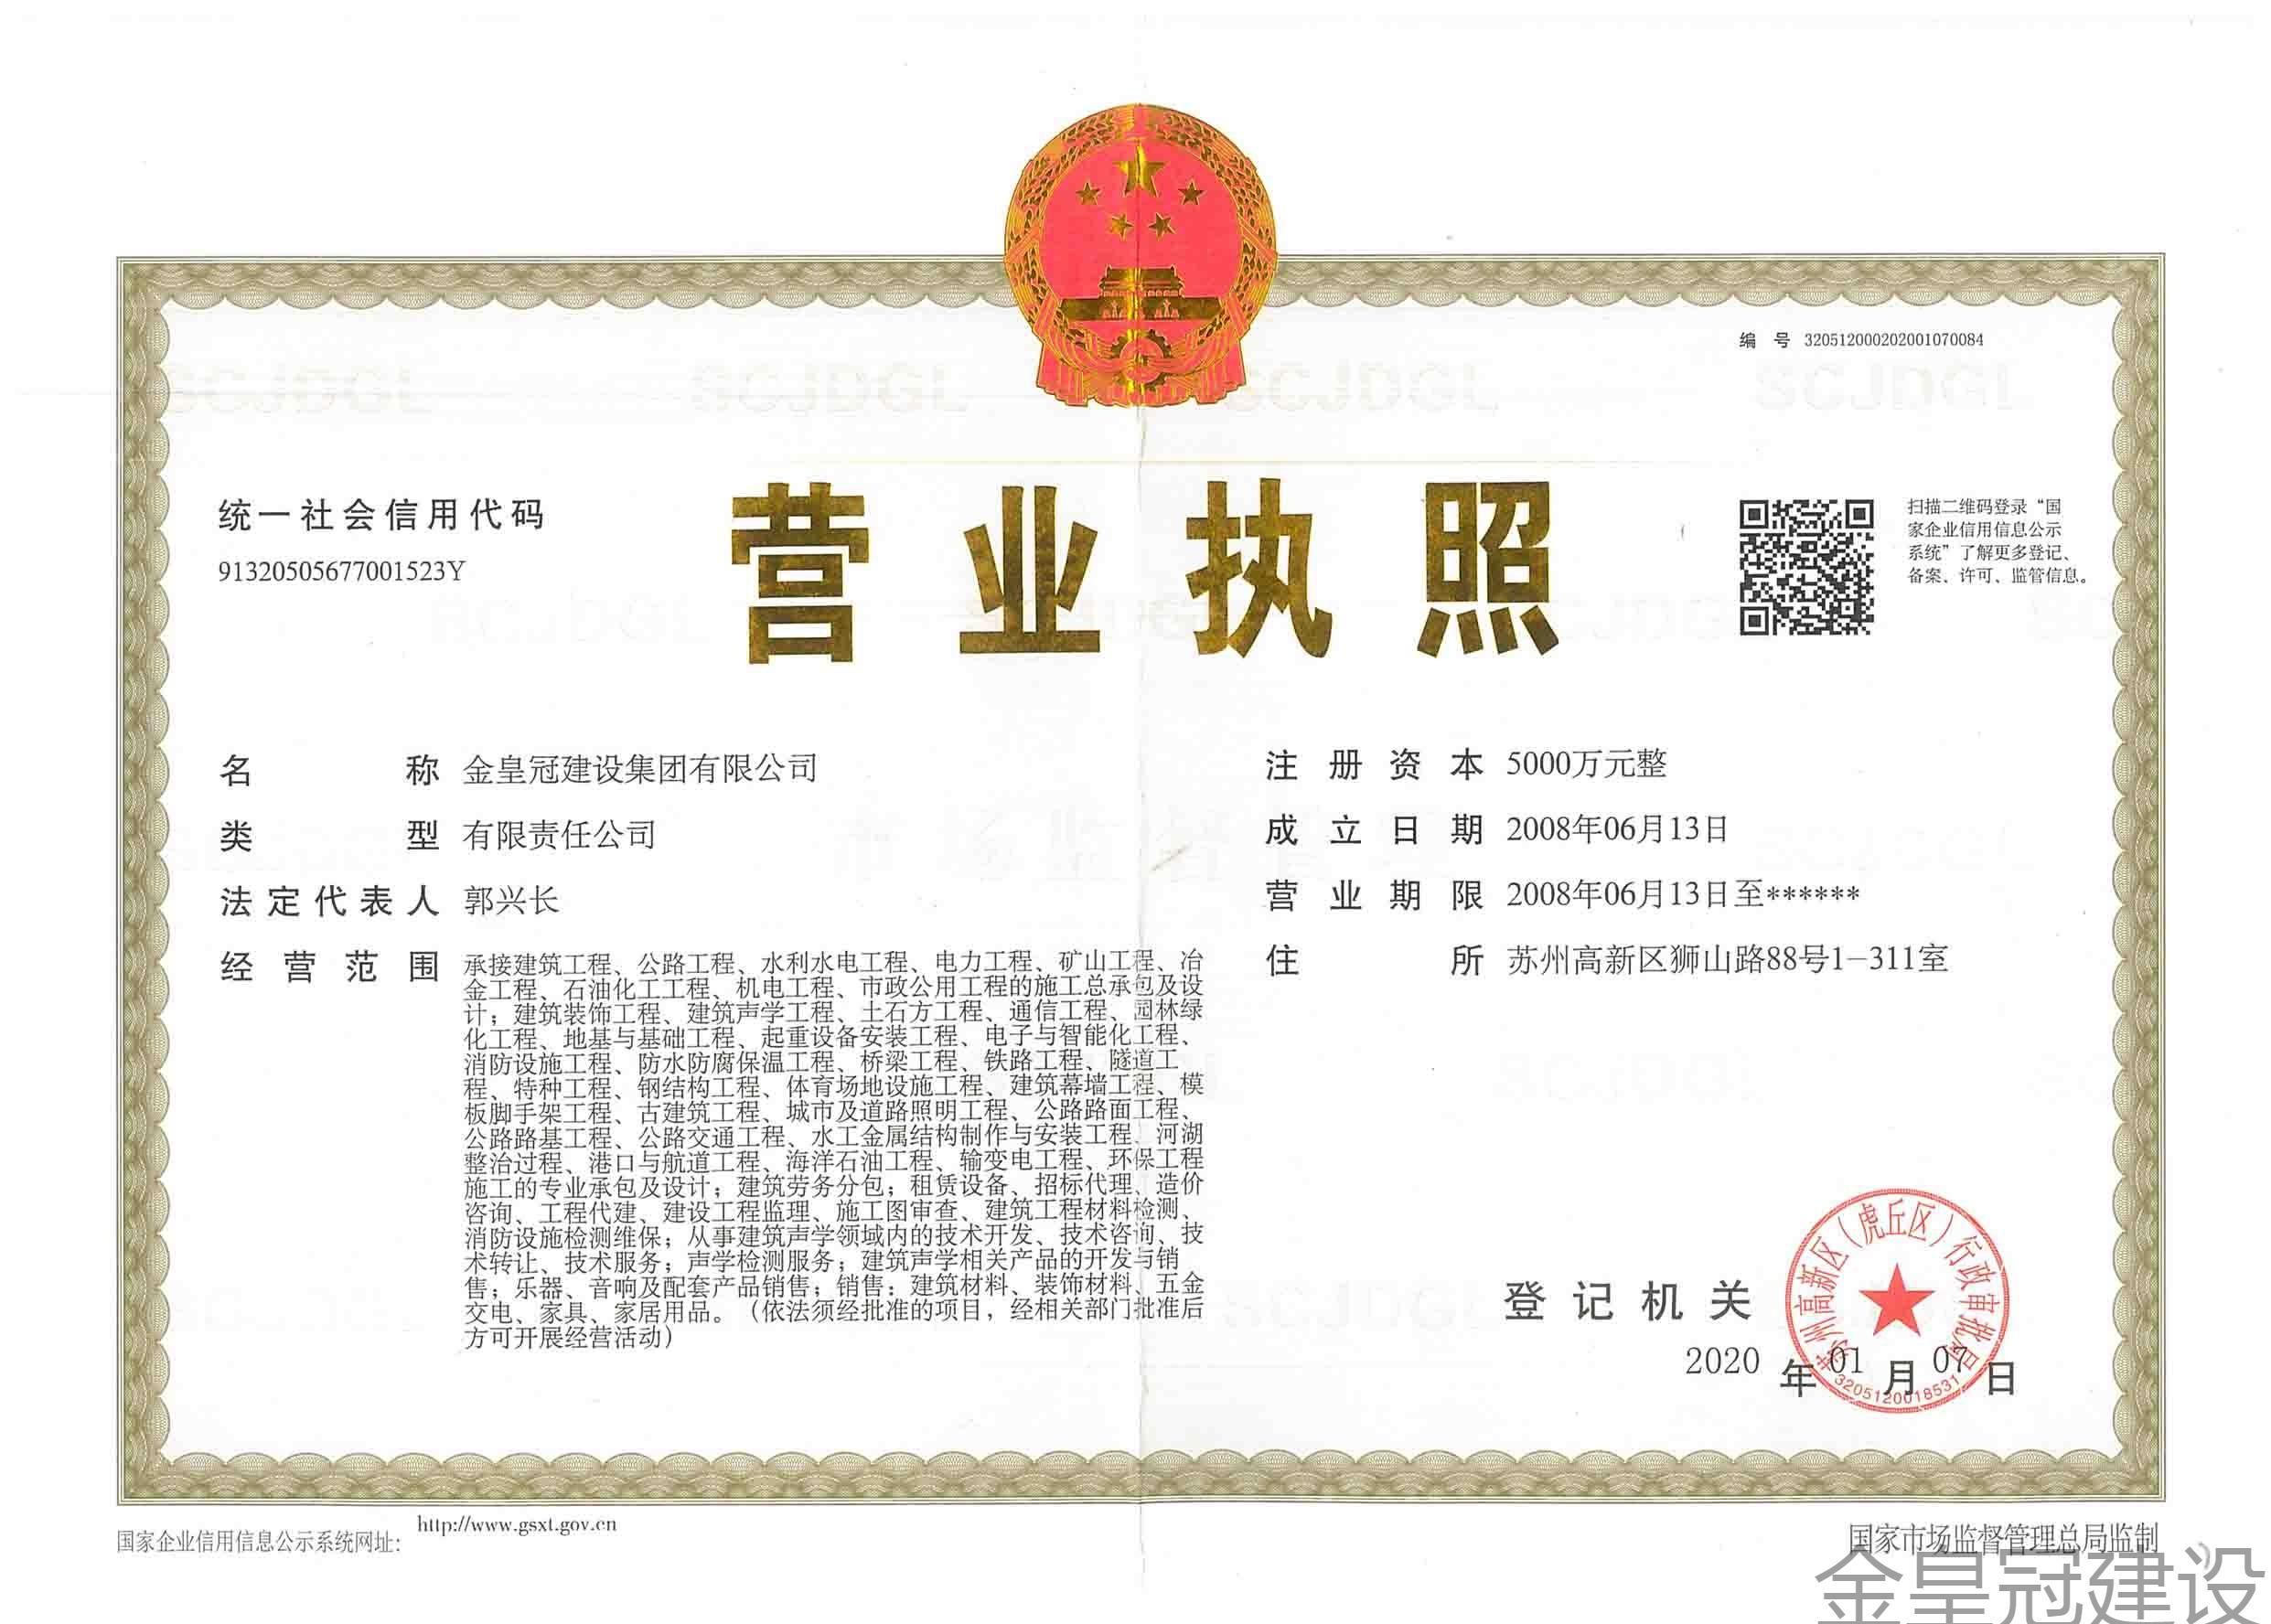 (金皇冠集团)营业执照- 正本(1)